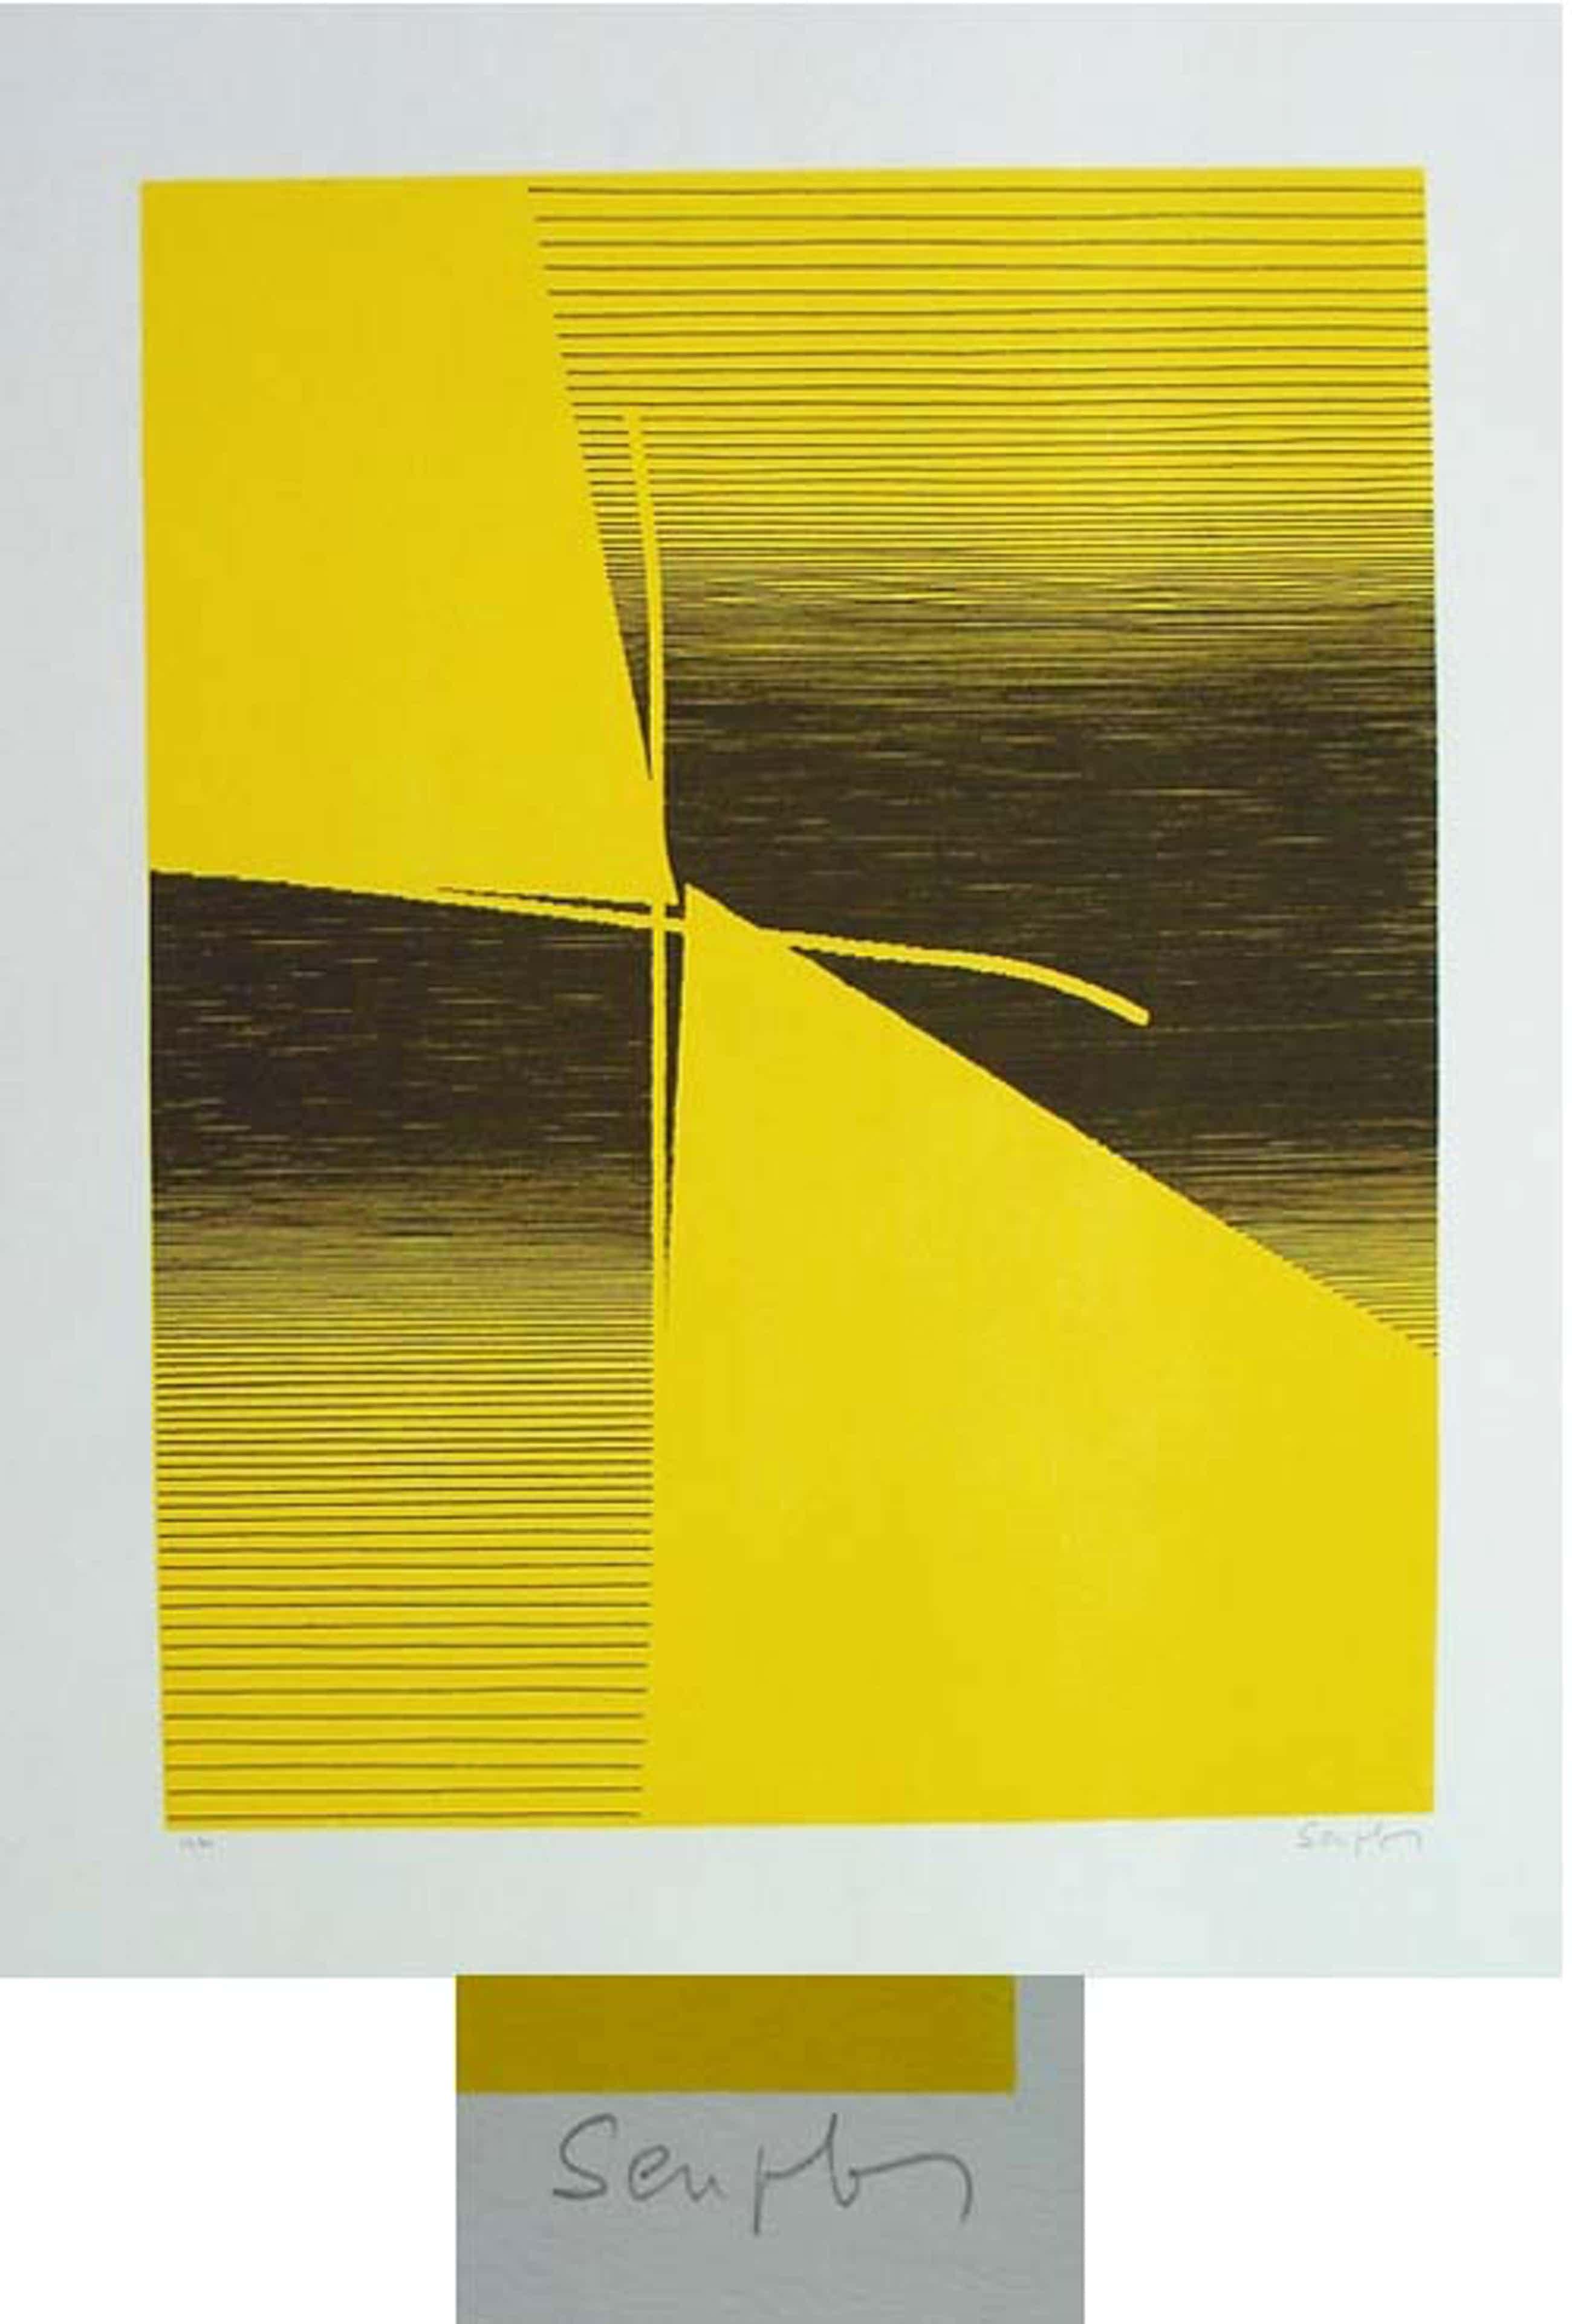 Michel Seuphor - - duo-duel - Farbserigrafie, handsigniert, numeriert, 1961 kopen? Bied vanaf 390!